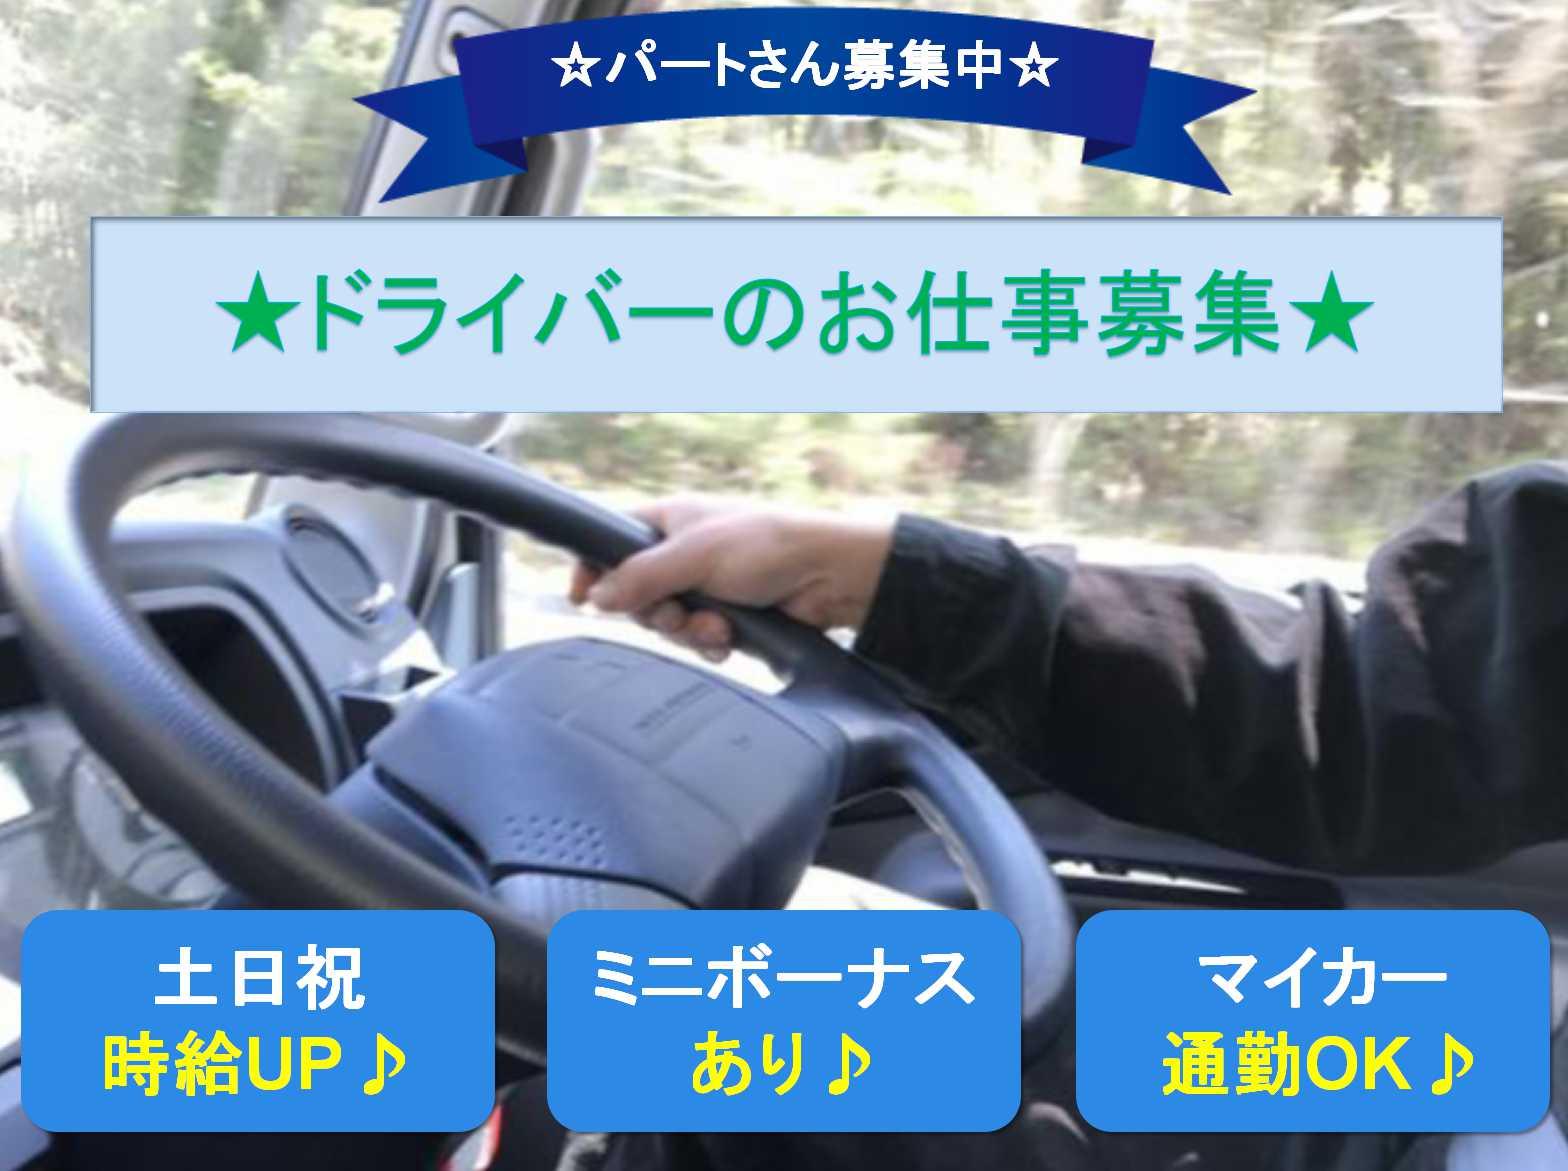 土日祝時給50円UP♪ミニボーナス有り♪ドライバー募集【パート】 イメージ